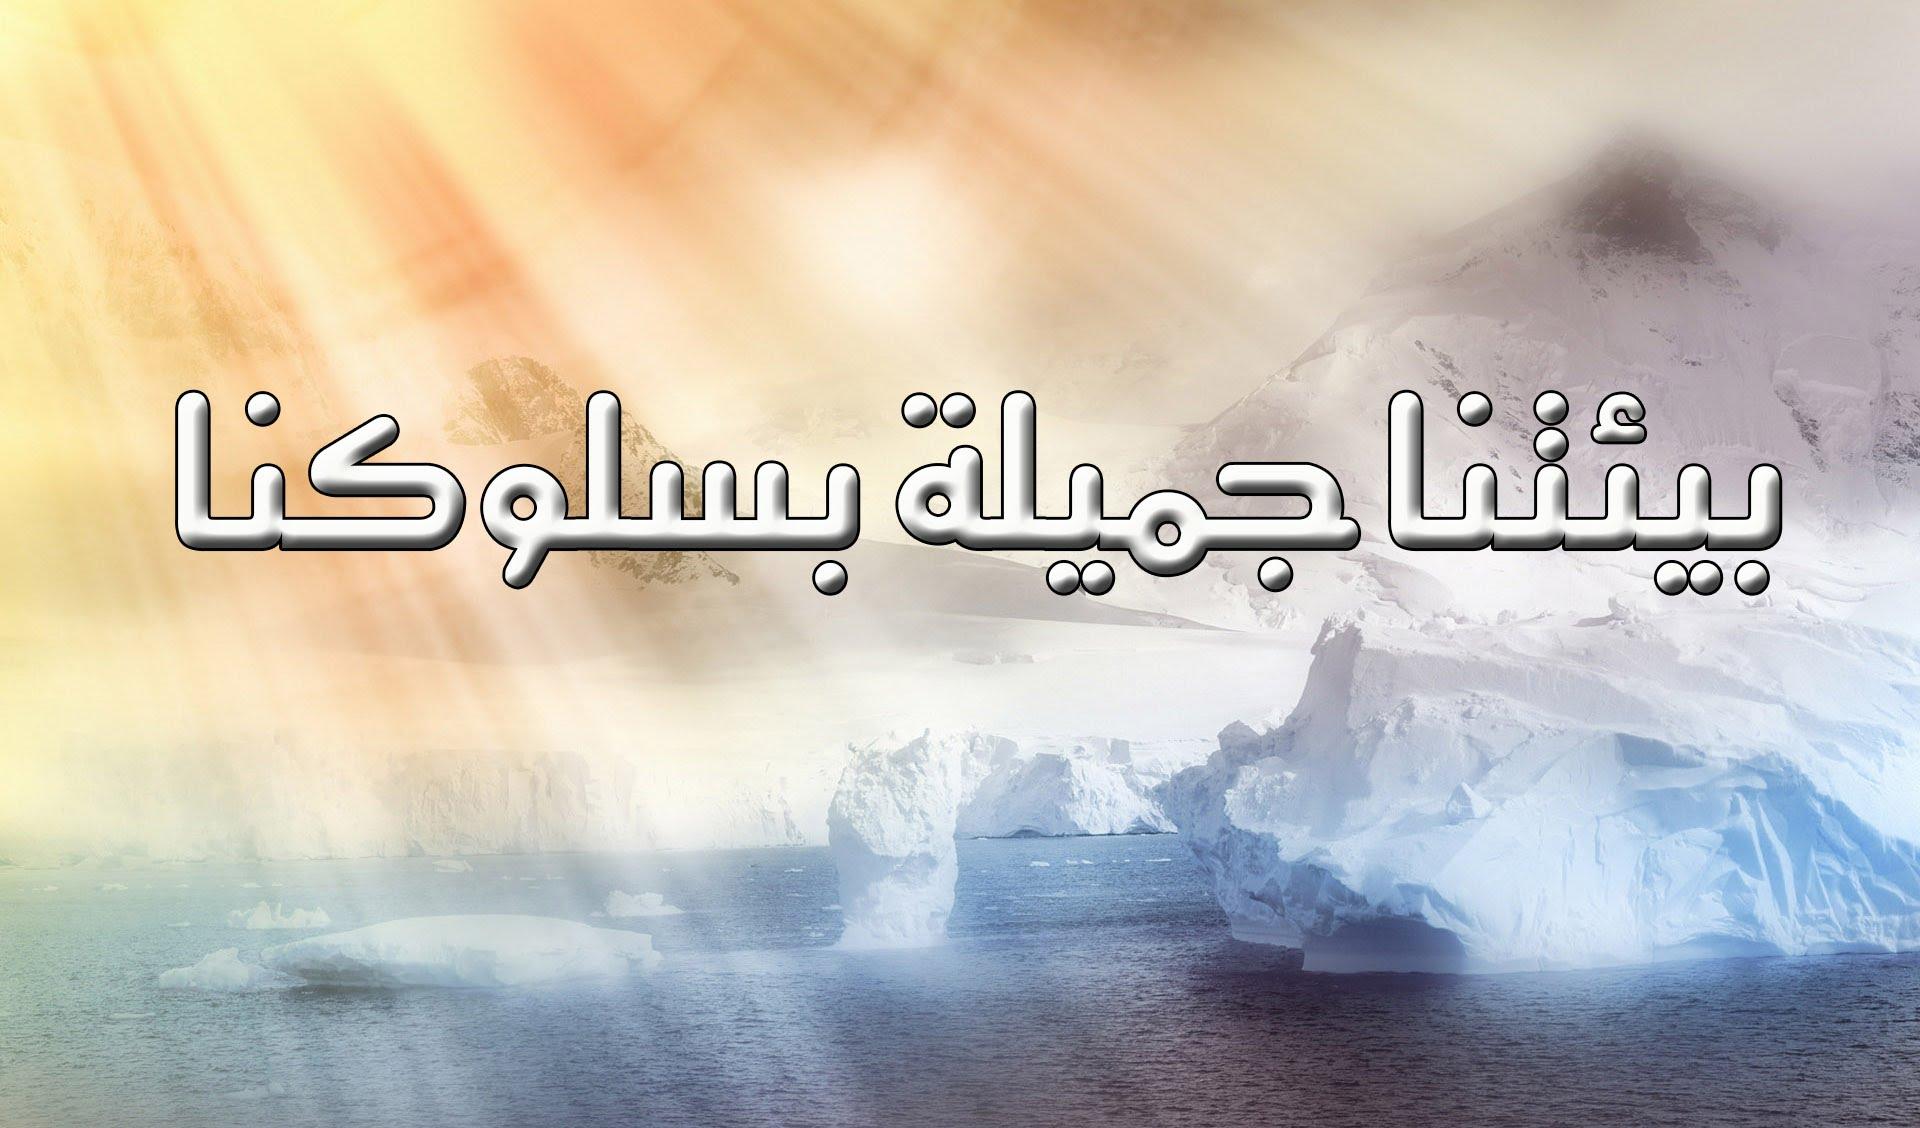 صور قصص وعبر اسلامية , اجمل القصص الاسلامية